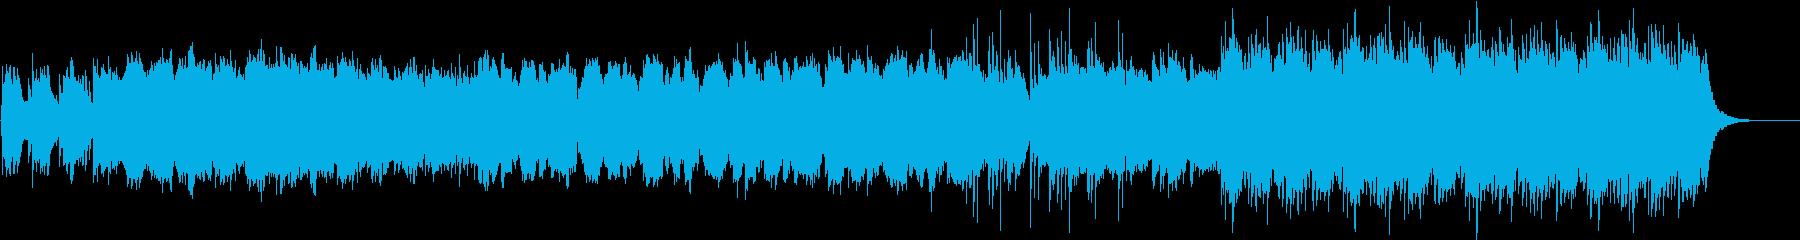 ピアノストリングス和楽器の和風バラードの再生済みの波形